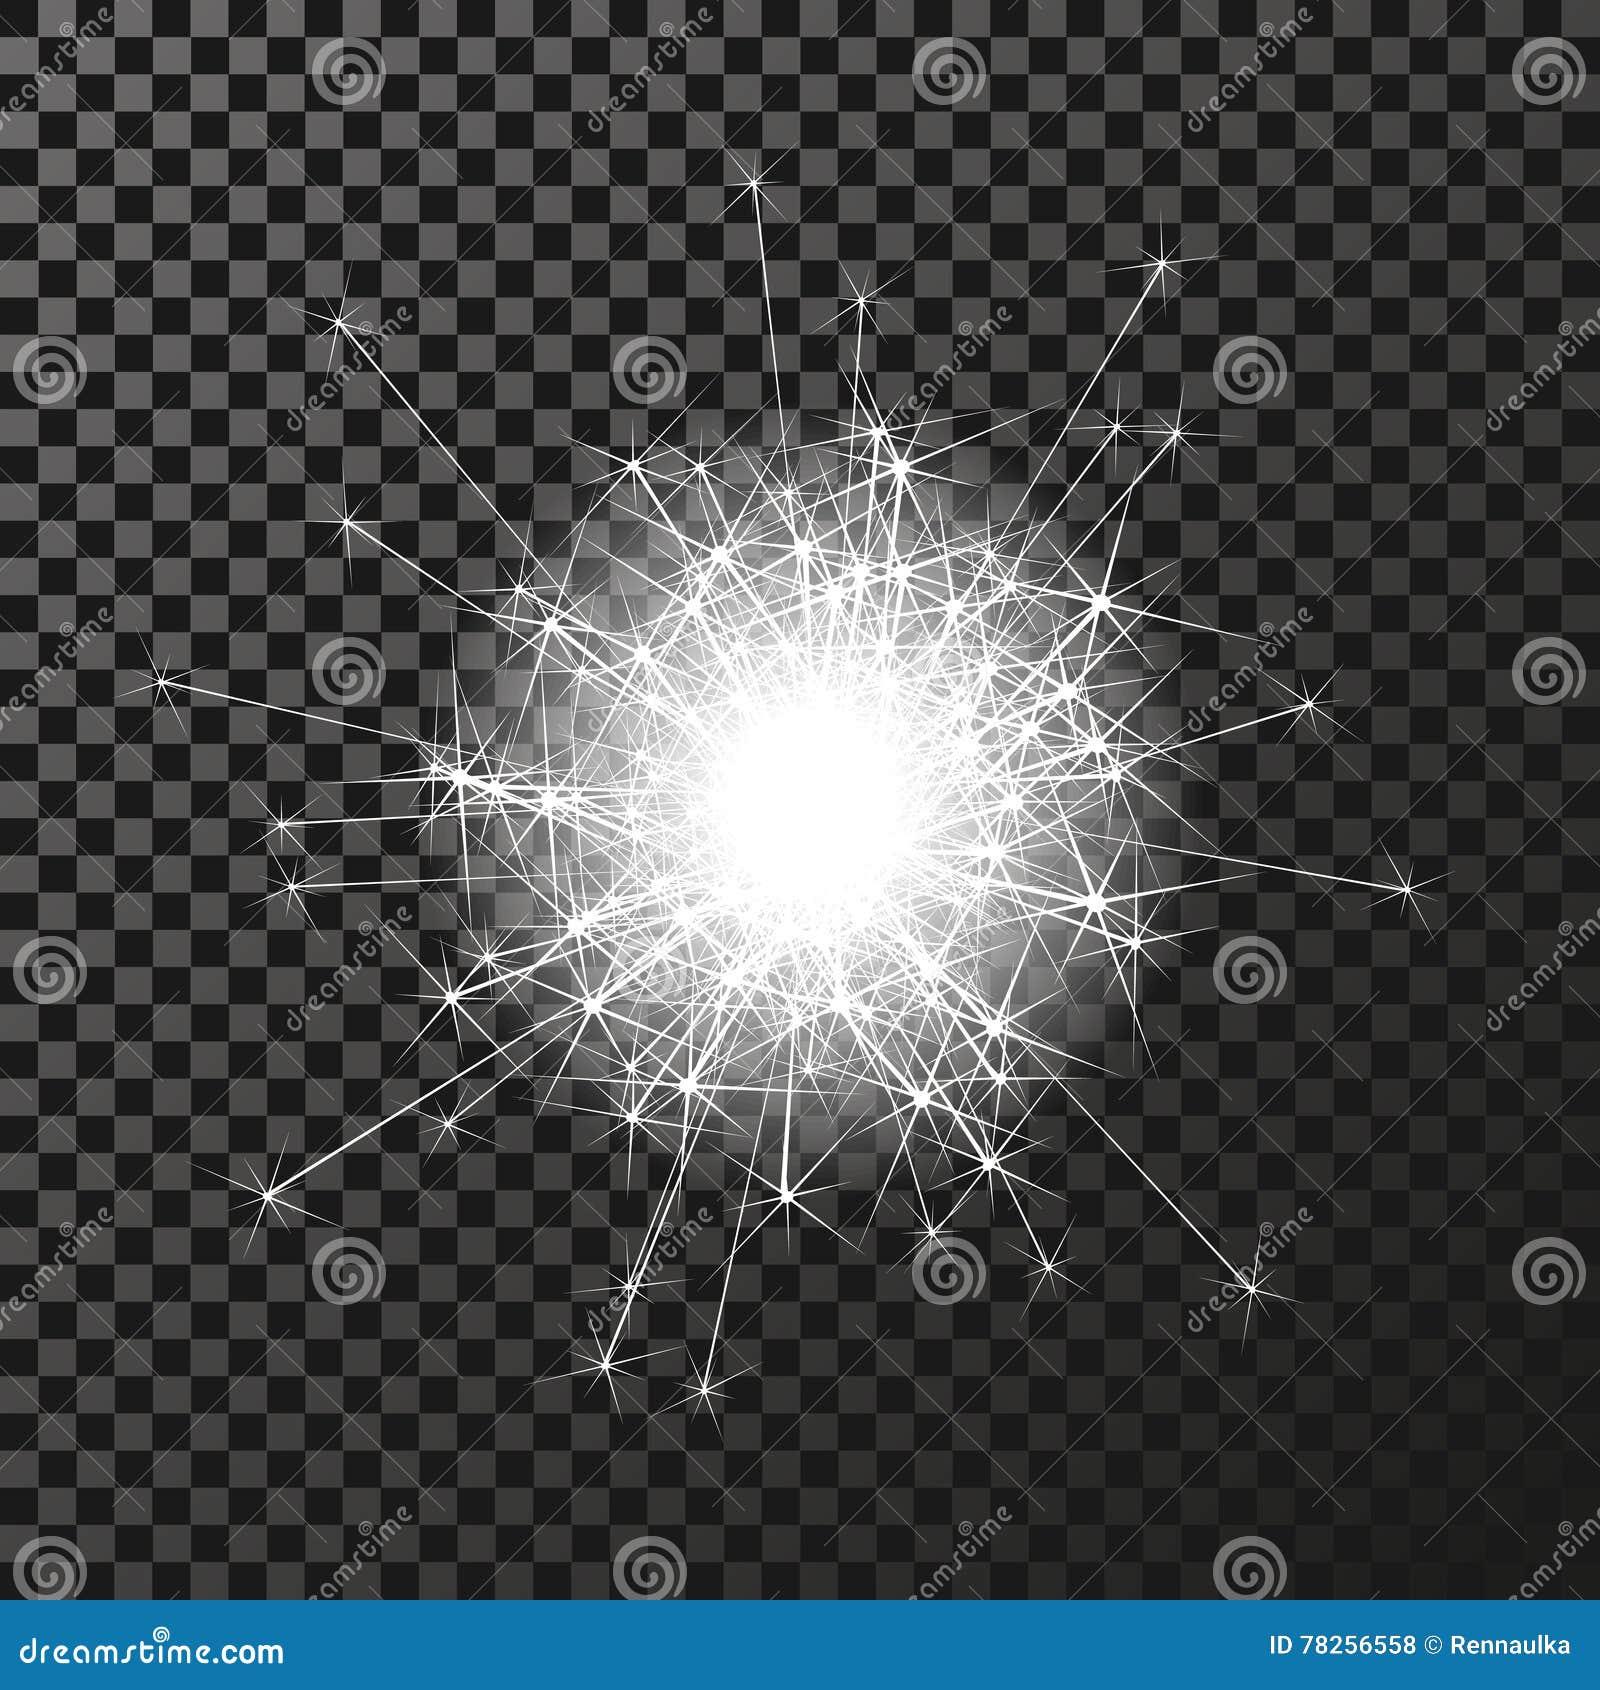 Λαμπρό σύμβολο sparkler στο σκοτεινό υπόβαθρο - sizzling σπινθηρίσματα, αστρική φλόγα διαφάνειας Να λάμψει αντανακλάσεις